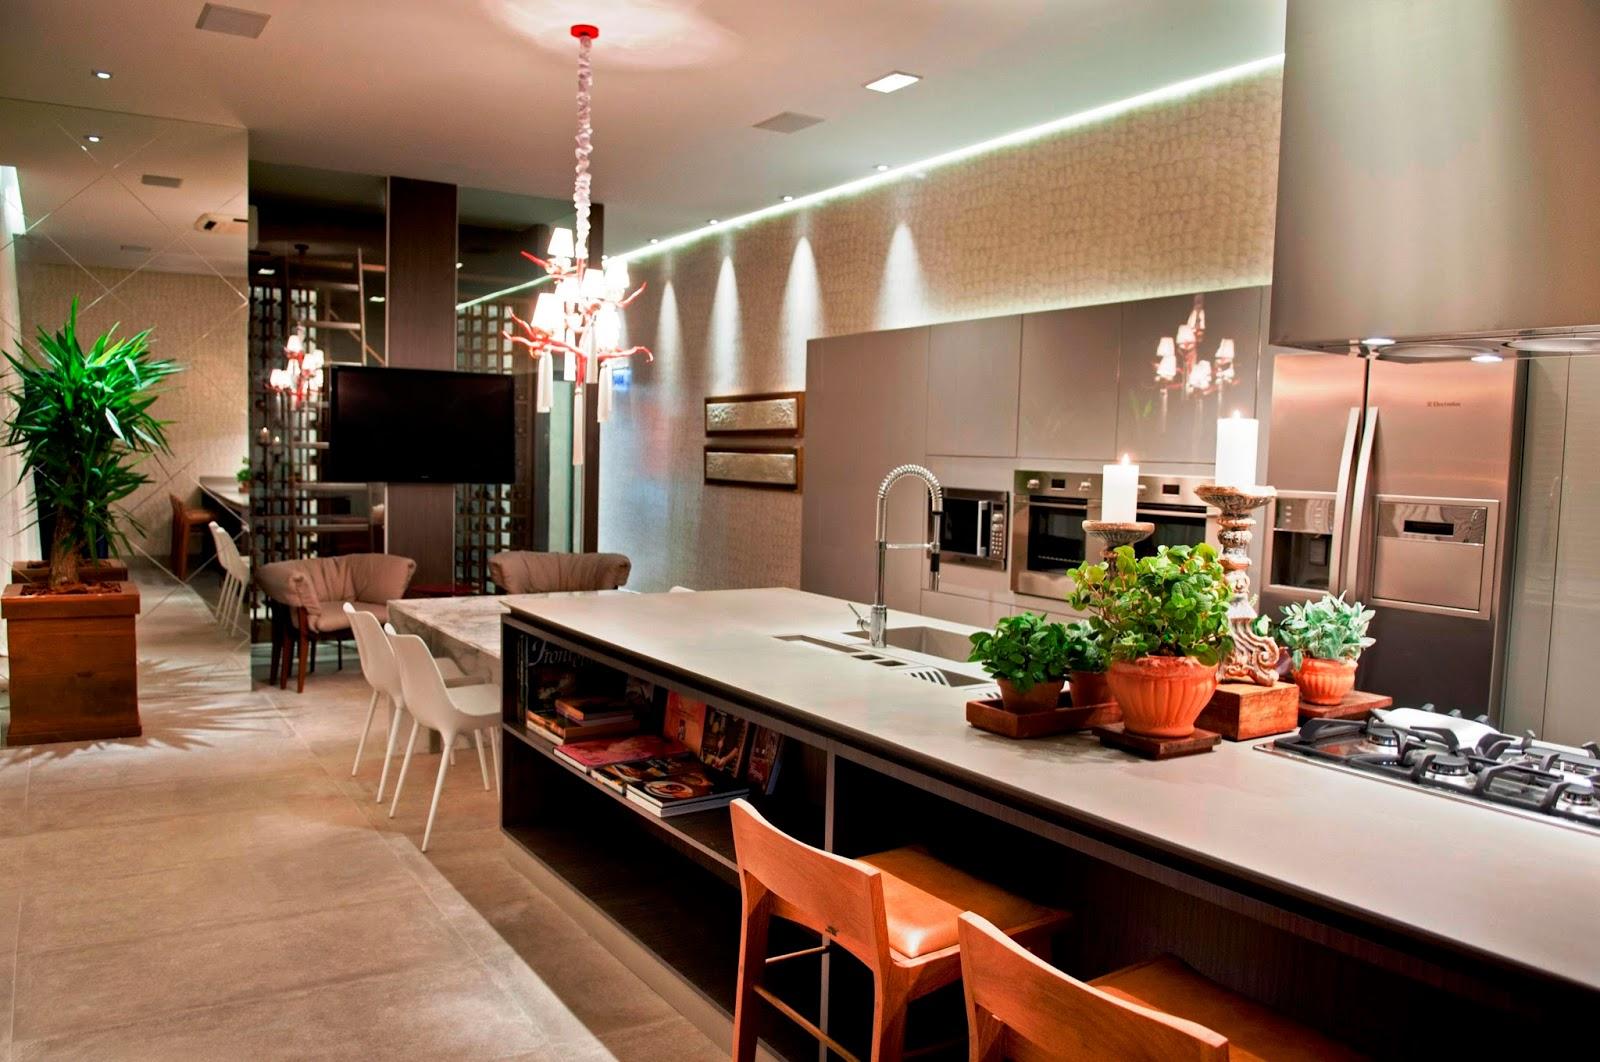 30 Salas de Almoço Decoradas Veja dicas de como renovar sua copa  #B34018 1600 1062